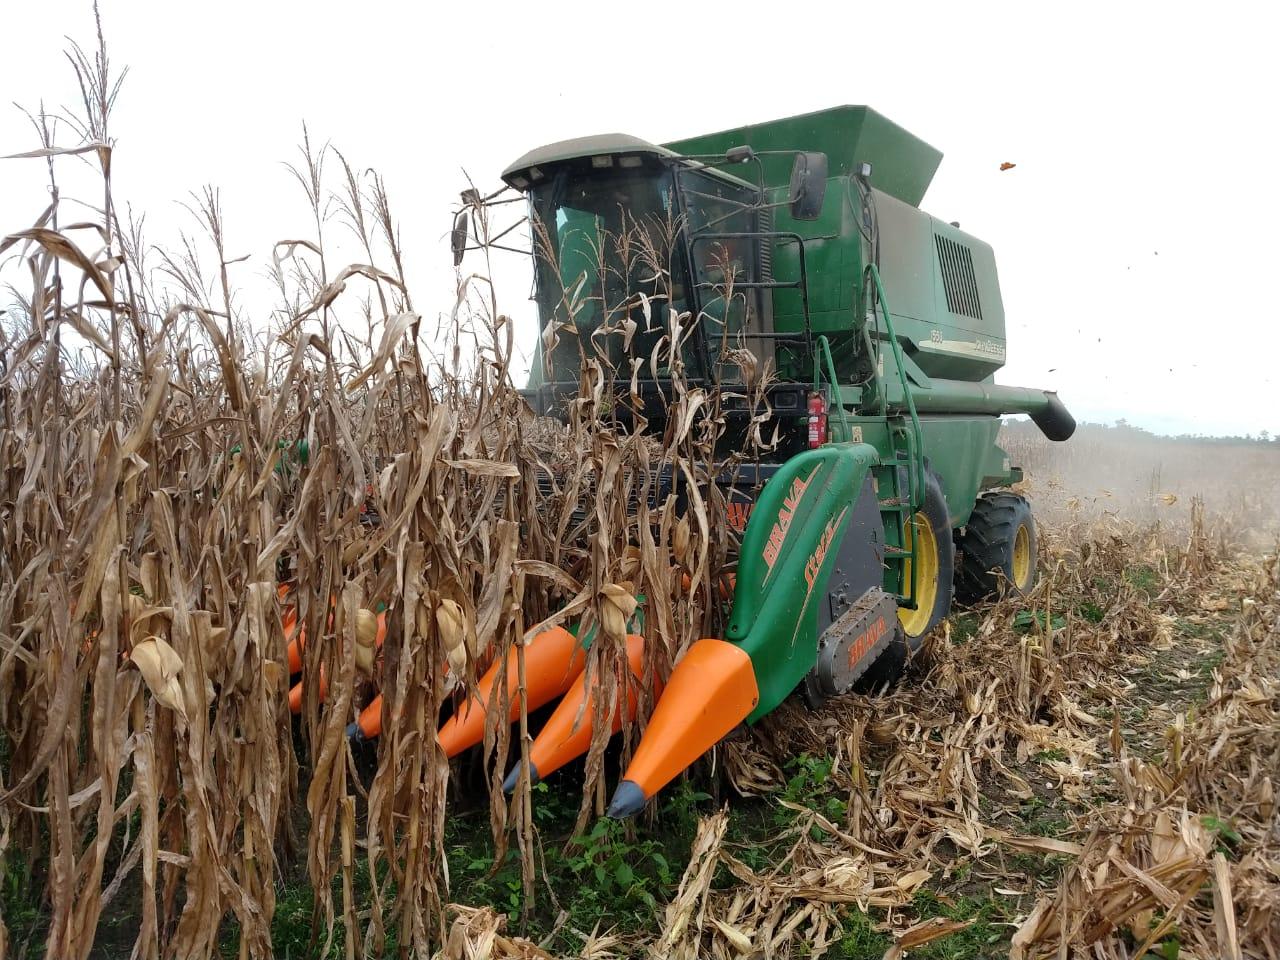 Área primeiro ano de plantio, colheita de milho em Tailândia (PA). Envio do Eng. Agrônomo e Proprietário Sidnei Roberto Lermen.